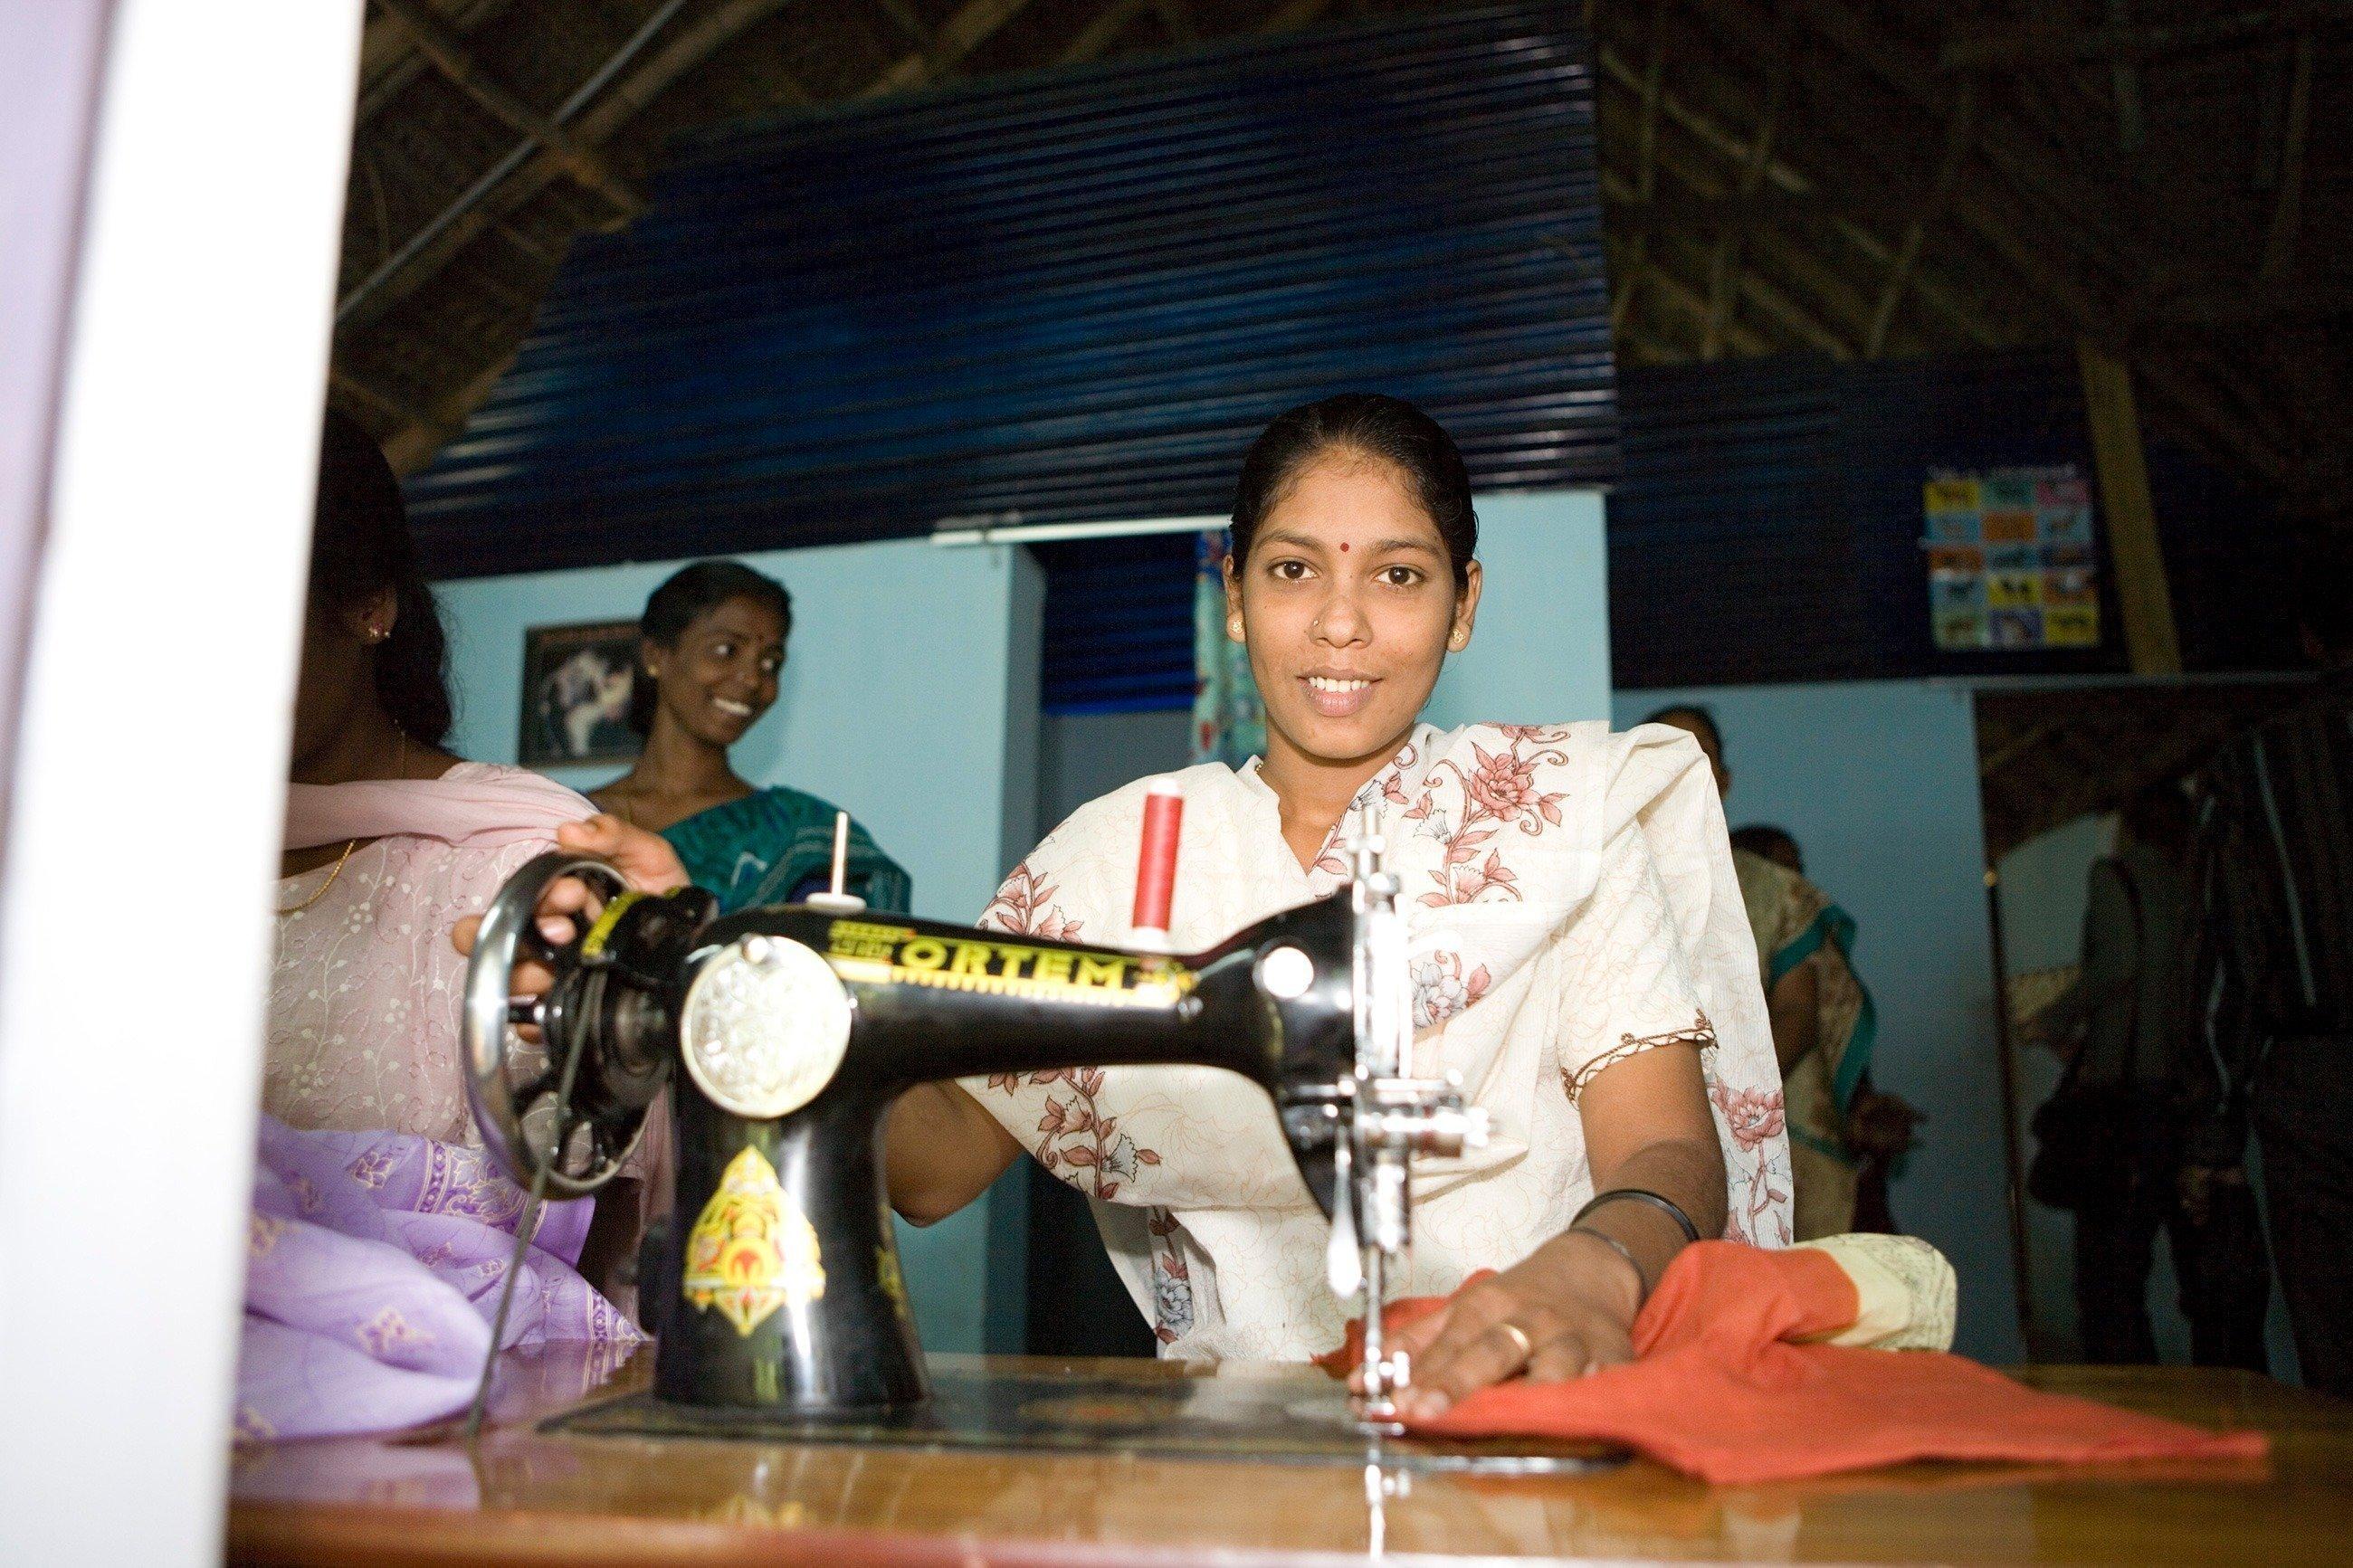 Eine indische Frau näht.